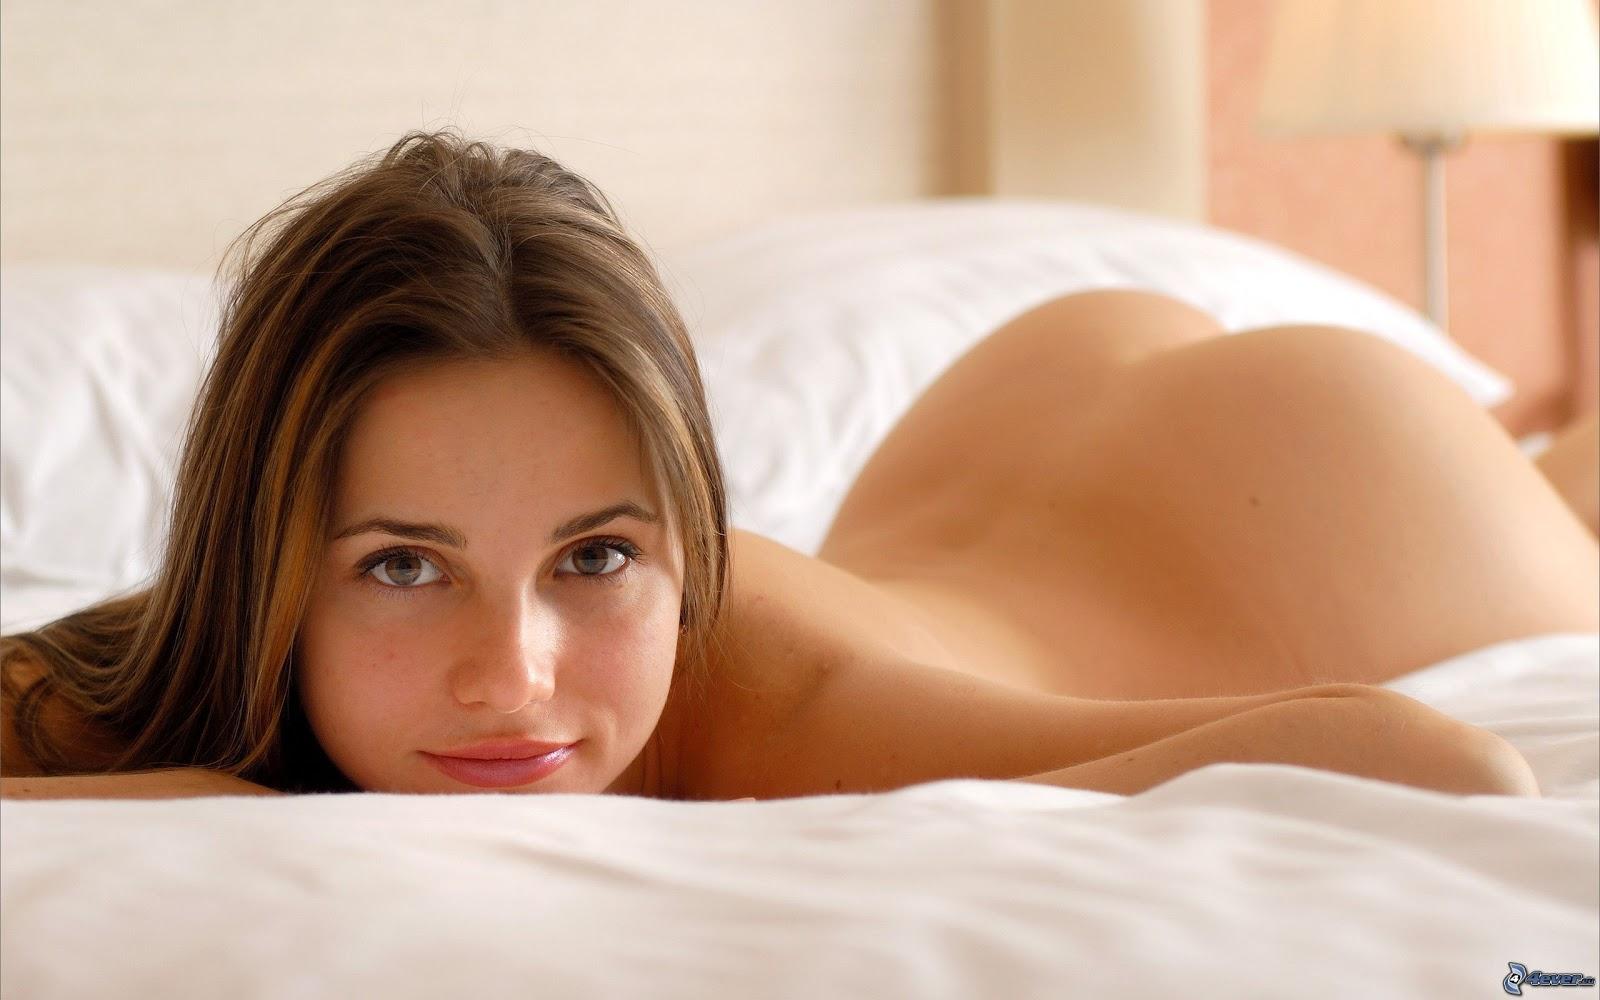 http://4.bp.blogspot.com/-pKGXrR_OnJc/UWBE_RH_Y_I/AAAAAAAAA2Y/q4W8vloWO7o/s1600/%255Bpictures_4ever_eu%255D%252520sexy%252520brunette%252C%252520naked%252520woman%252C%252520ass%252520158406.jpg